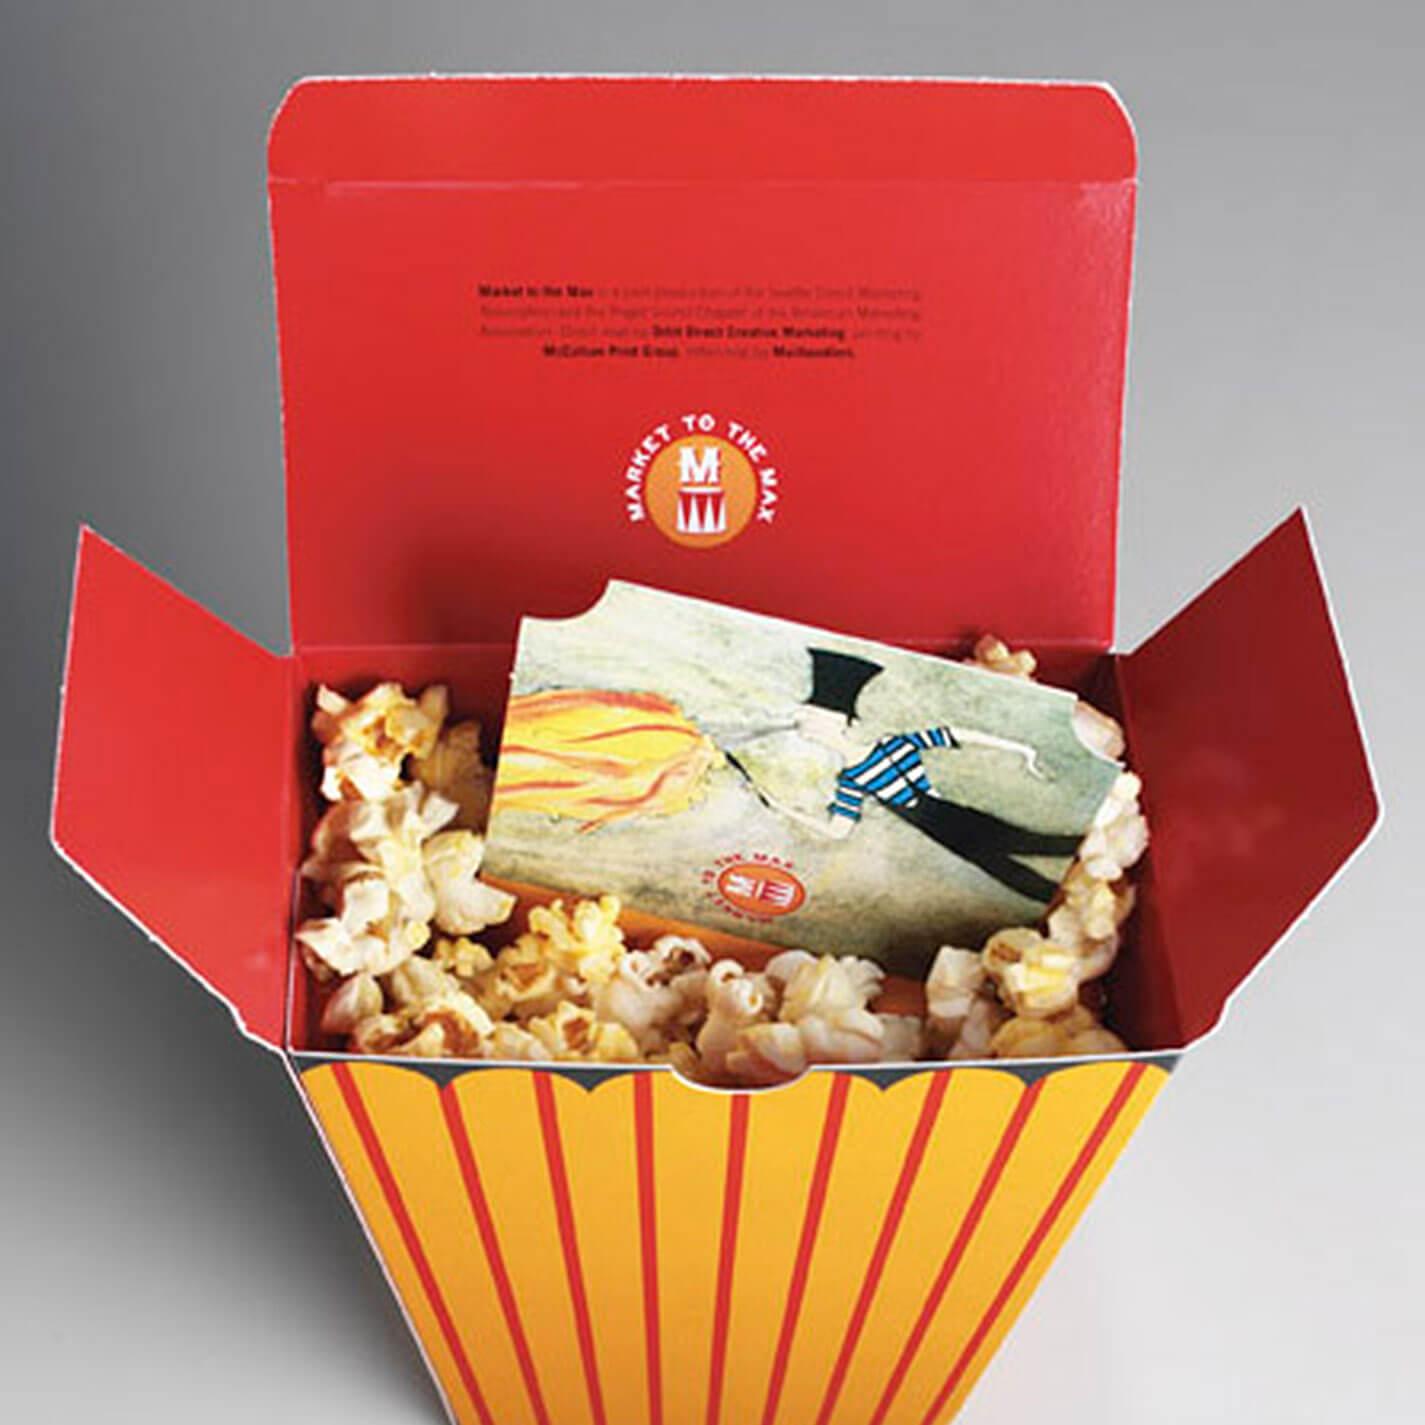 DMA Direct Mail Open Box Design